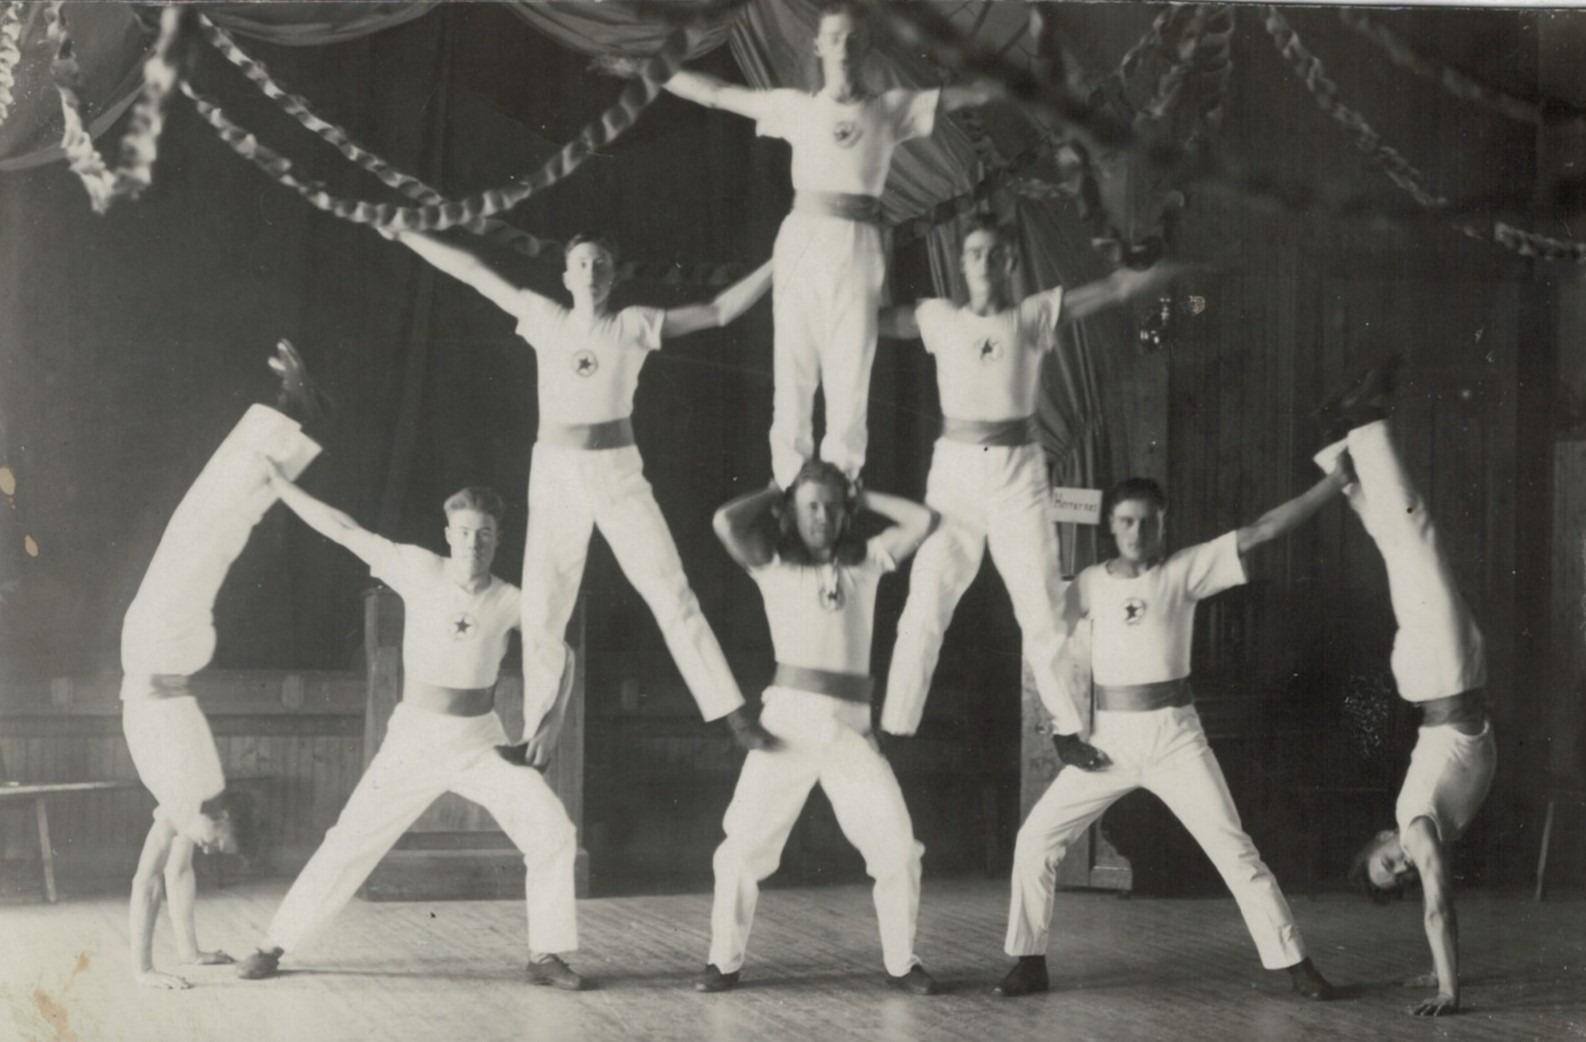 År 1927 uppträdde dessa gymnaster på den gamla lokalen. Uppe Arvid Björses, i mitten Lennart Agnäs och Arvid Mannfolk, nere okänd, Gösta Klåvus, Lennart Klovus, Lennart Storhannus och Emil Björses.